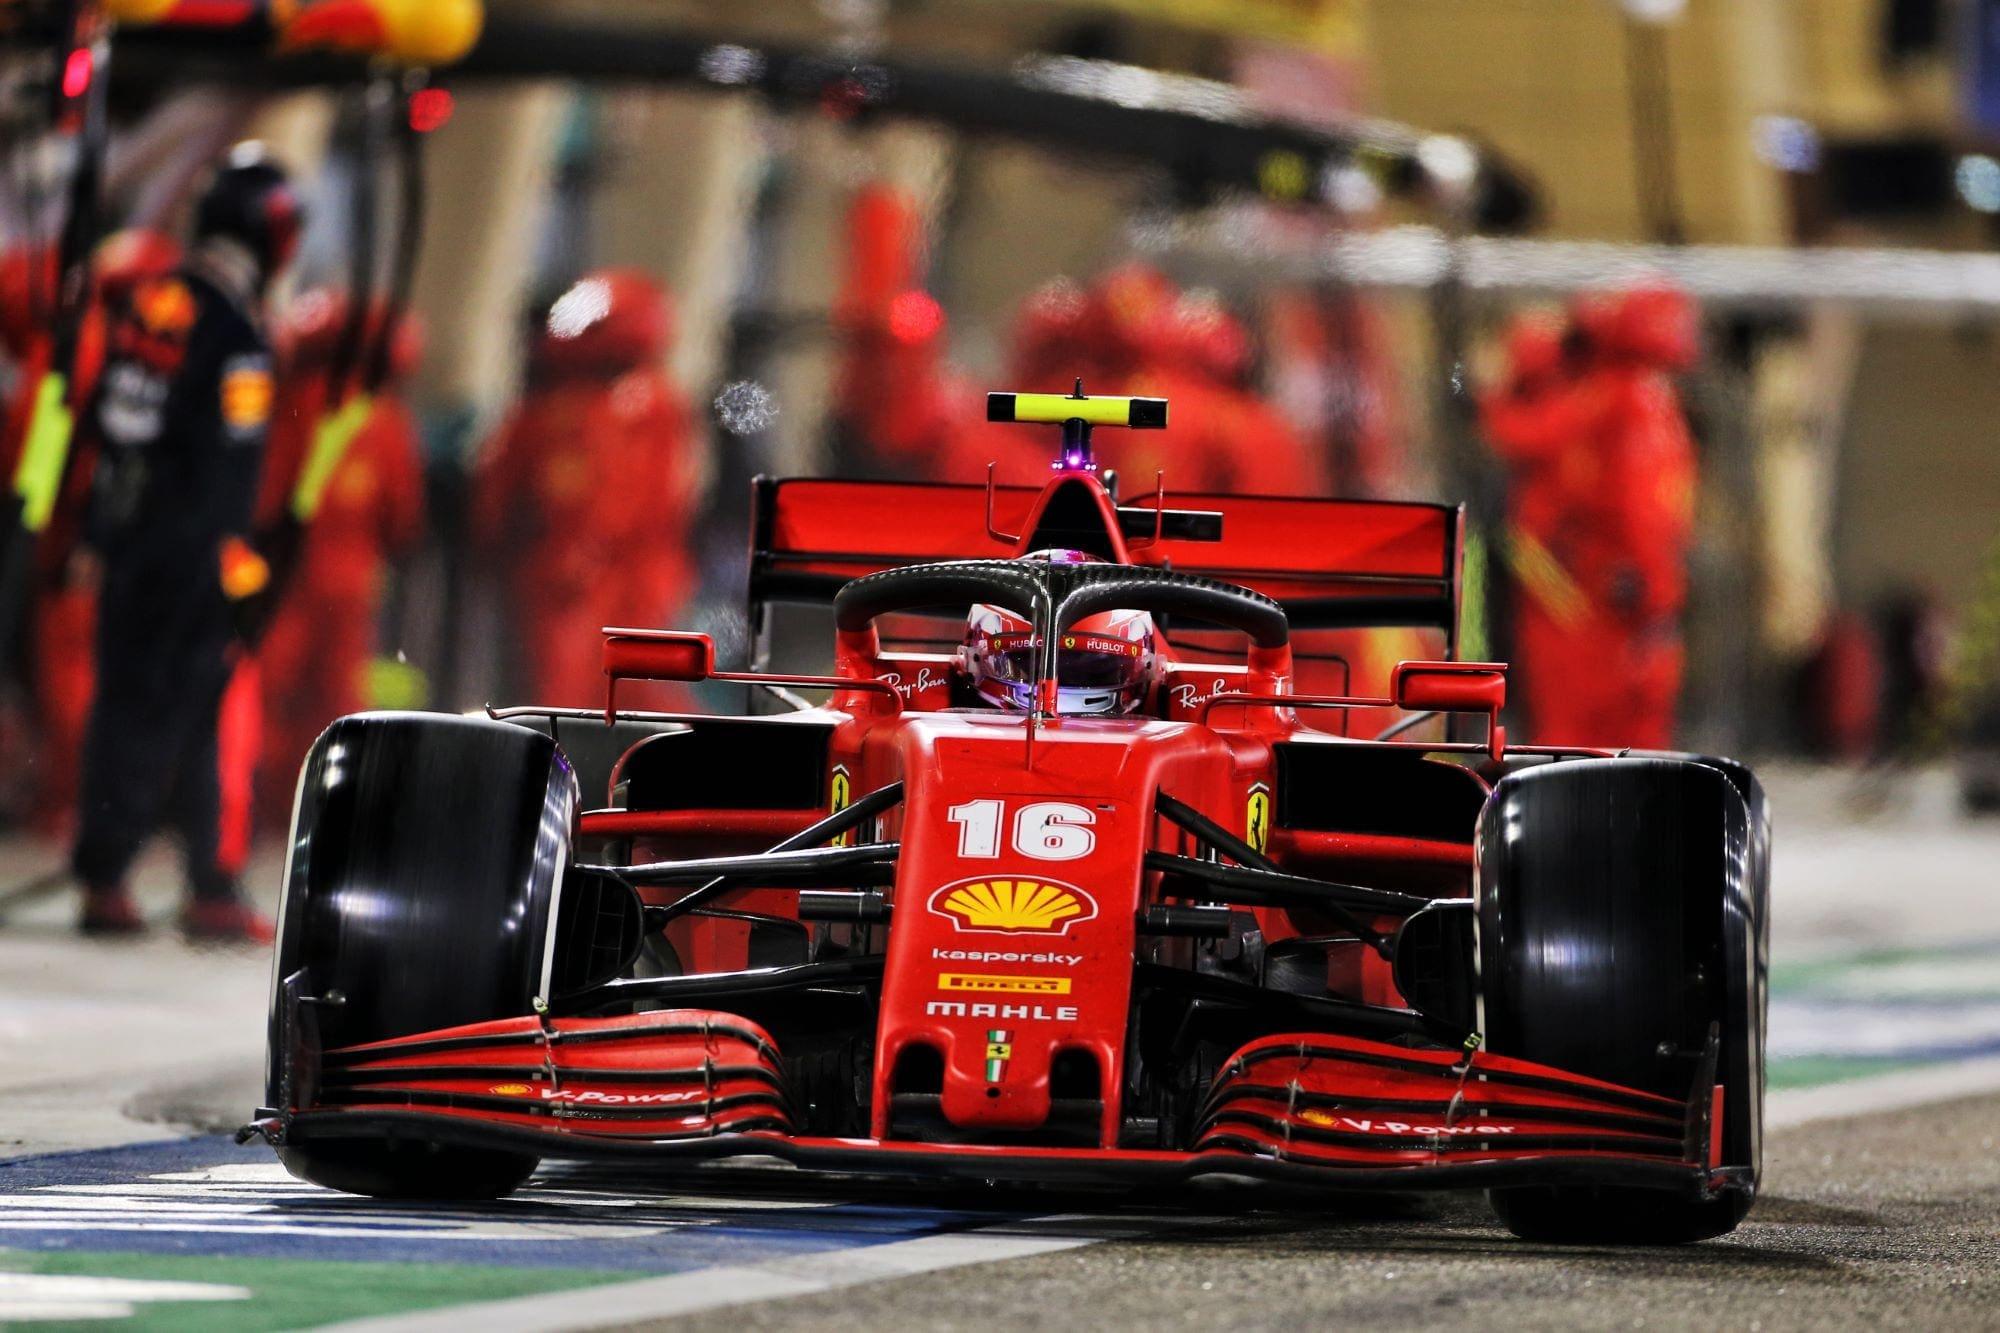 Ferrari Tem Dia Dificil No Bahrein Vettel Fora Do Ritmo E Leclerc Com Problemas F1 F1mania